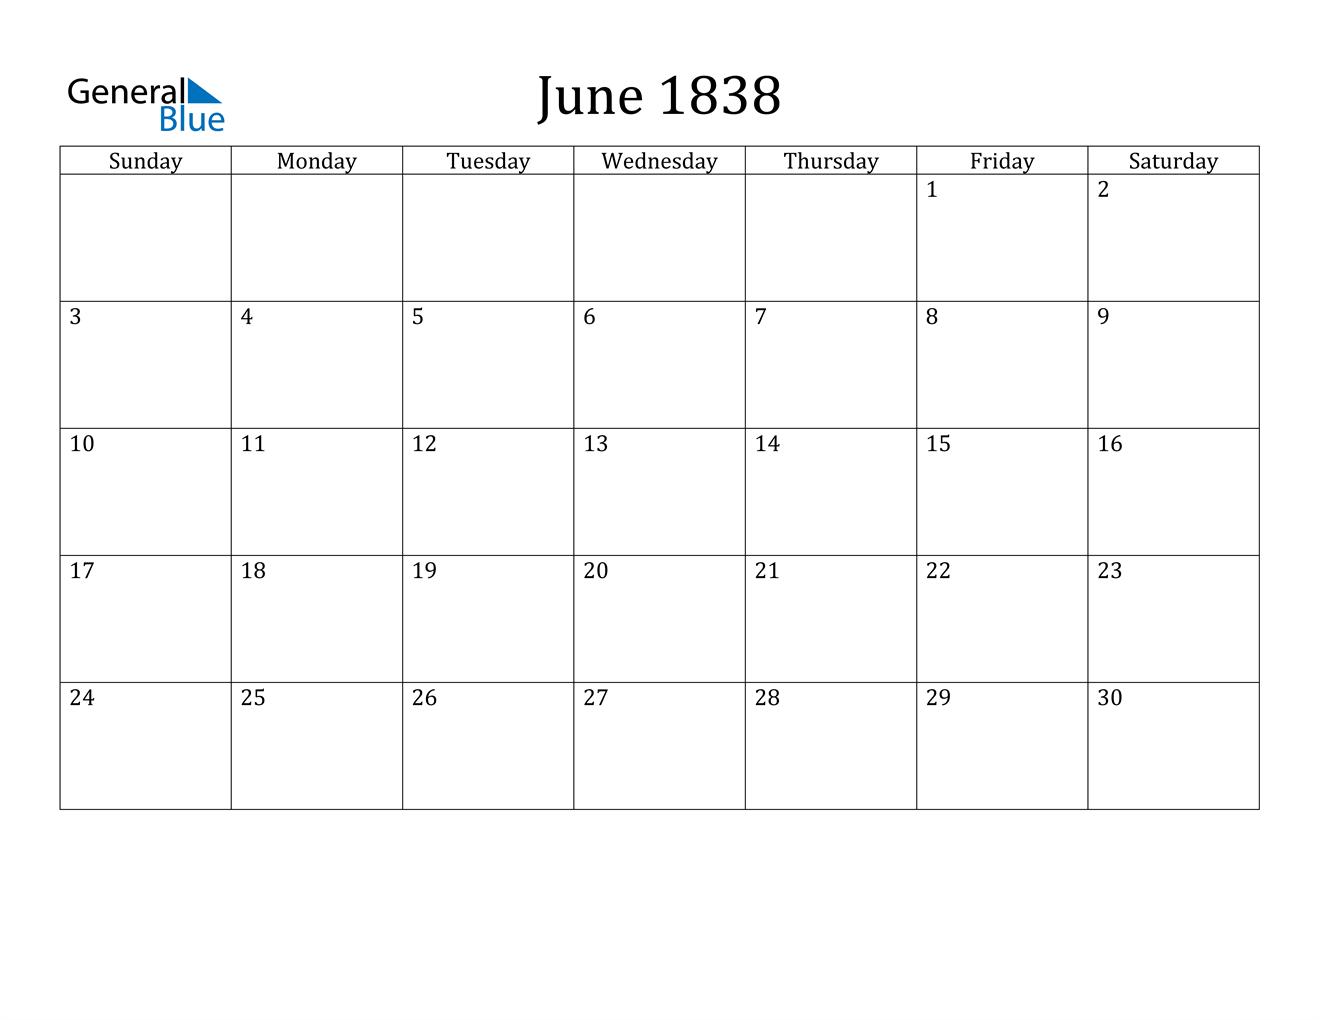 Image of June 1838 Calendar